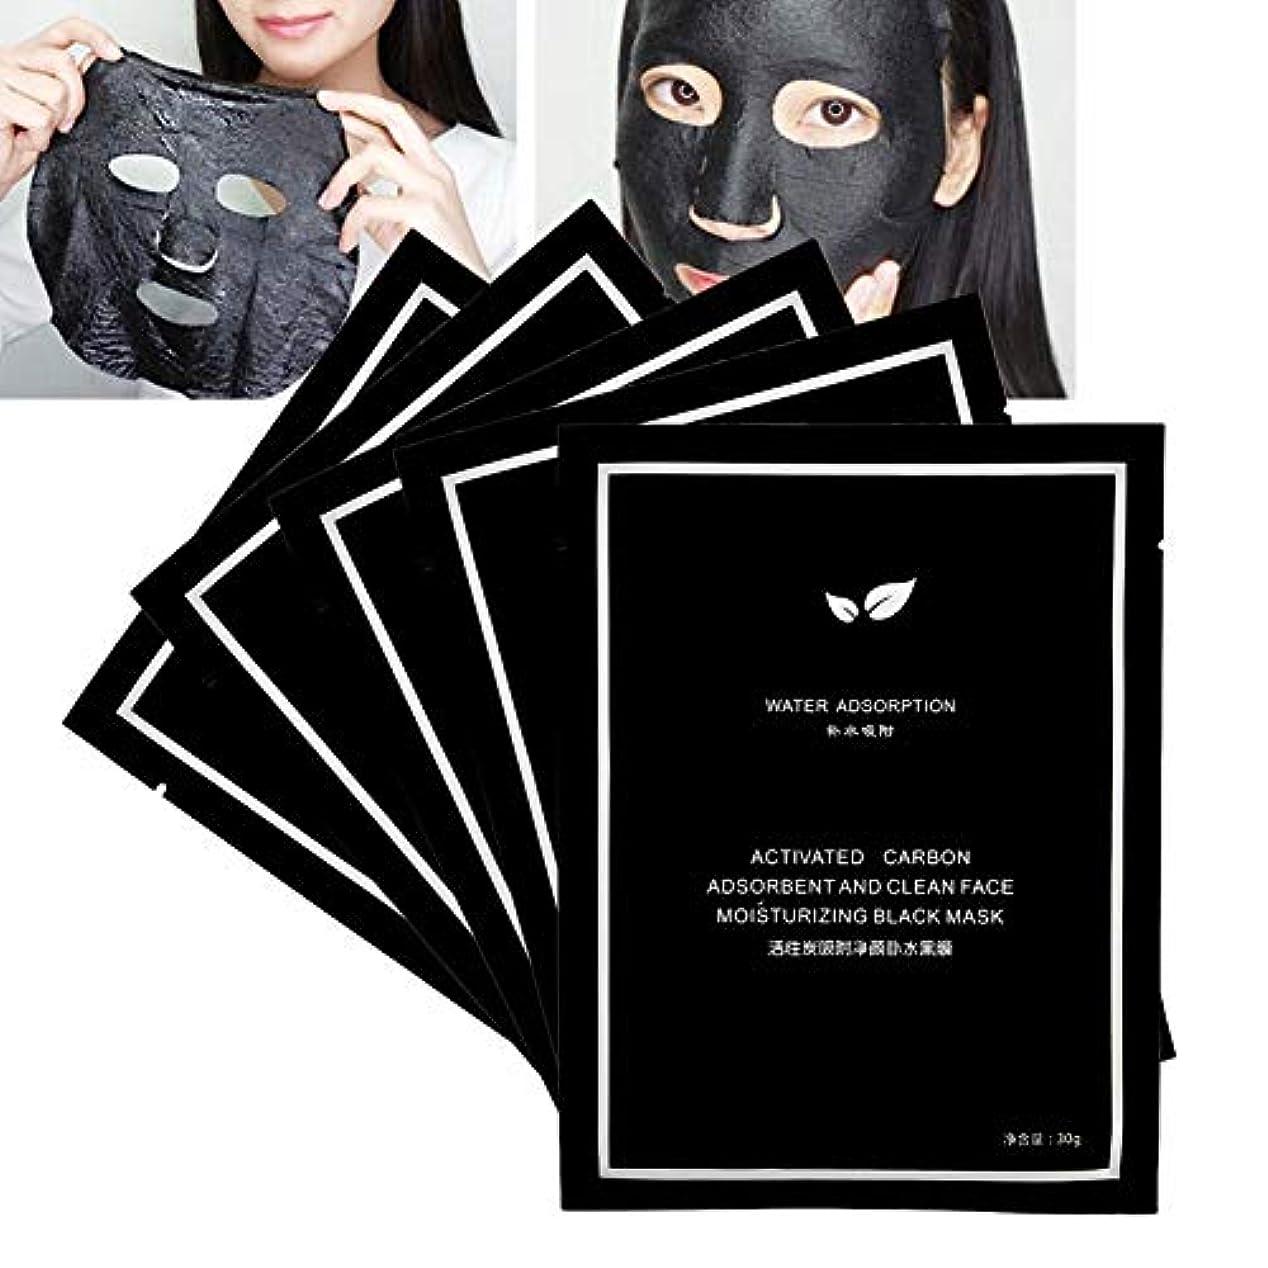 委任する小康葬儀5枚セット 活性炭マスク 保湿 フェイスブラックマスク オイルコントロールブラックヘッドの除去汚れ除去スキンケア